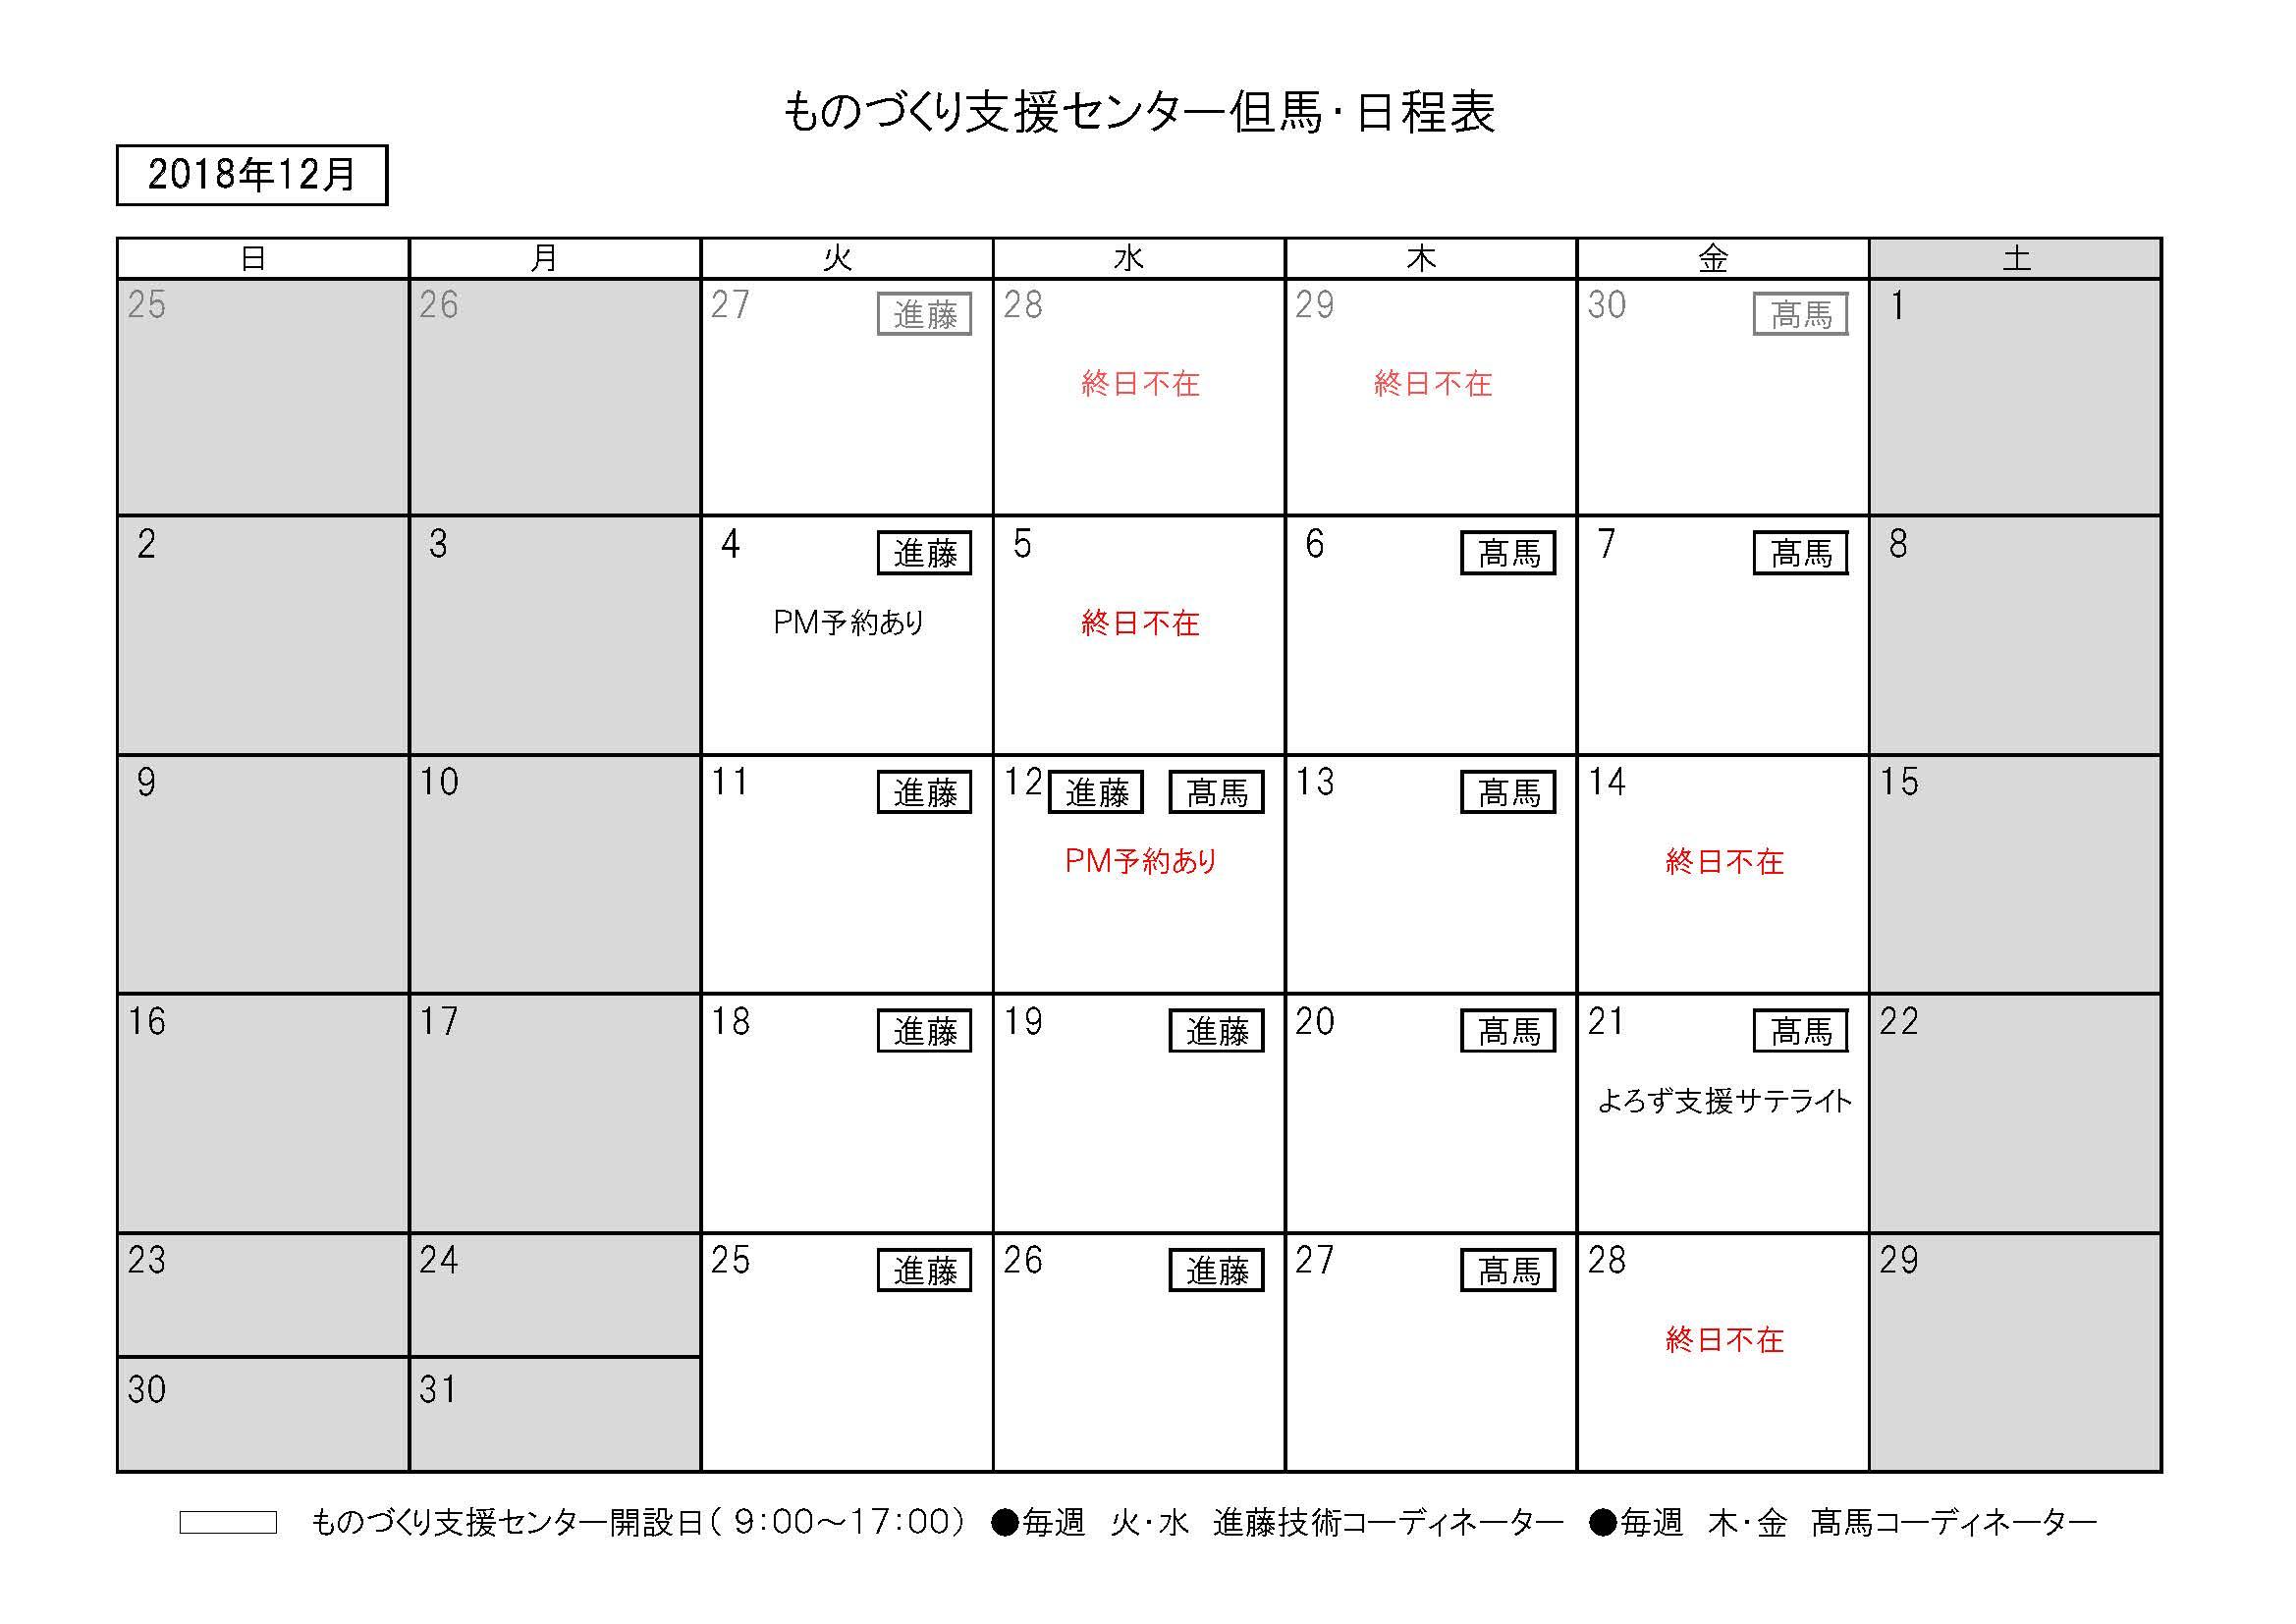 ものセン但馬2018年12月日程表